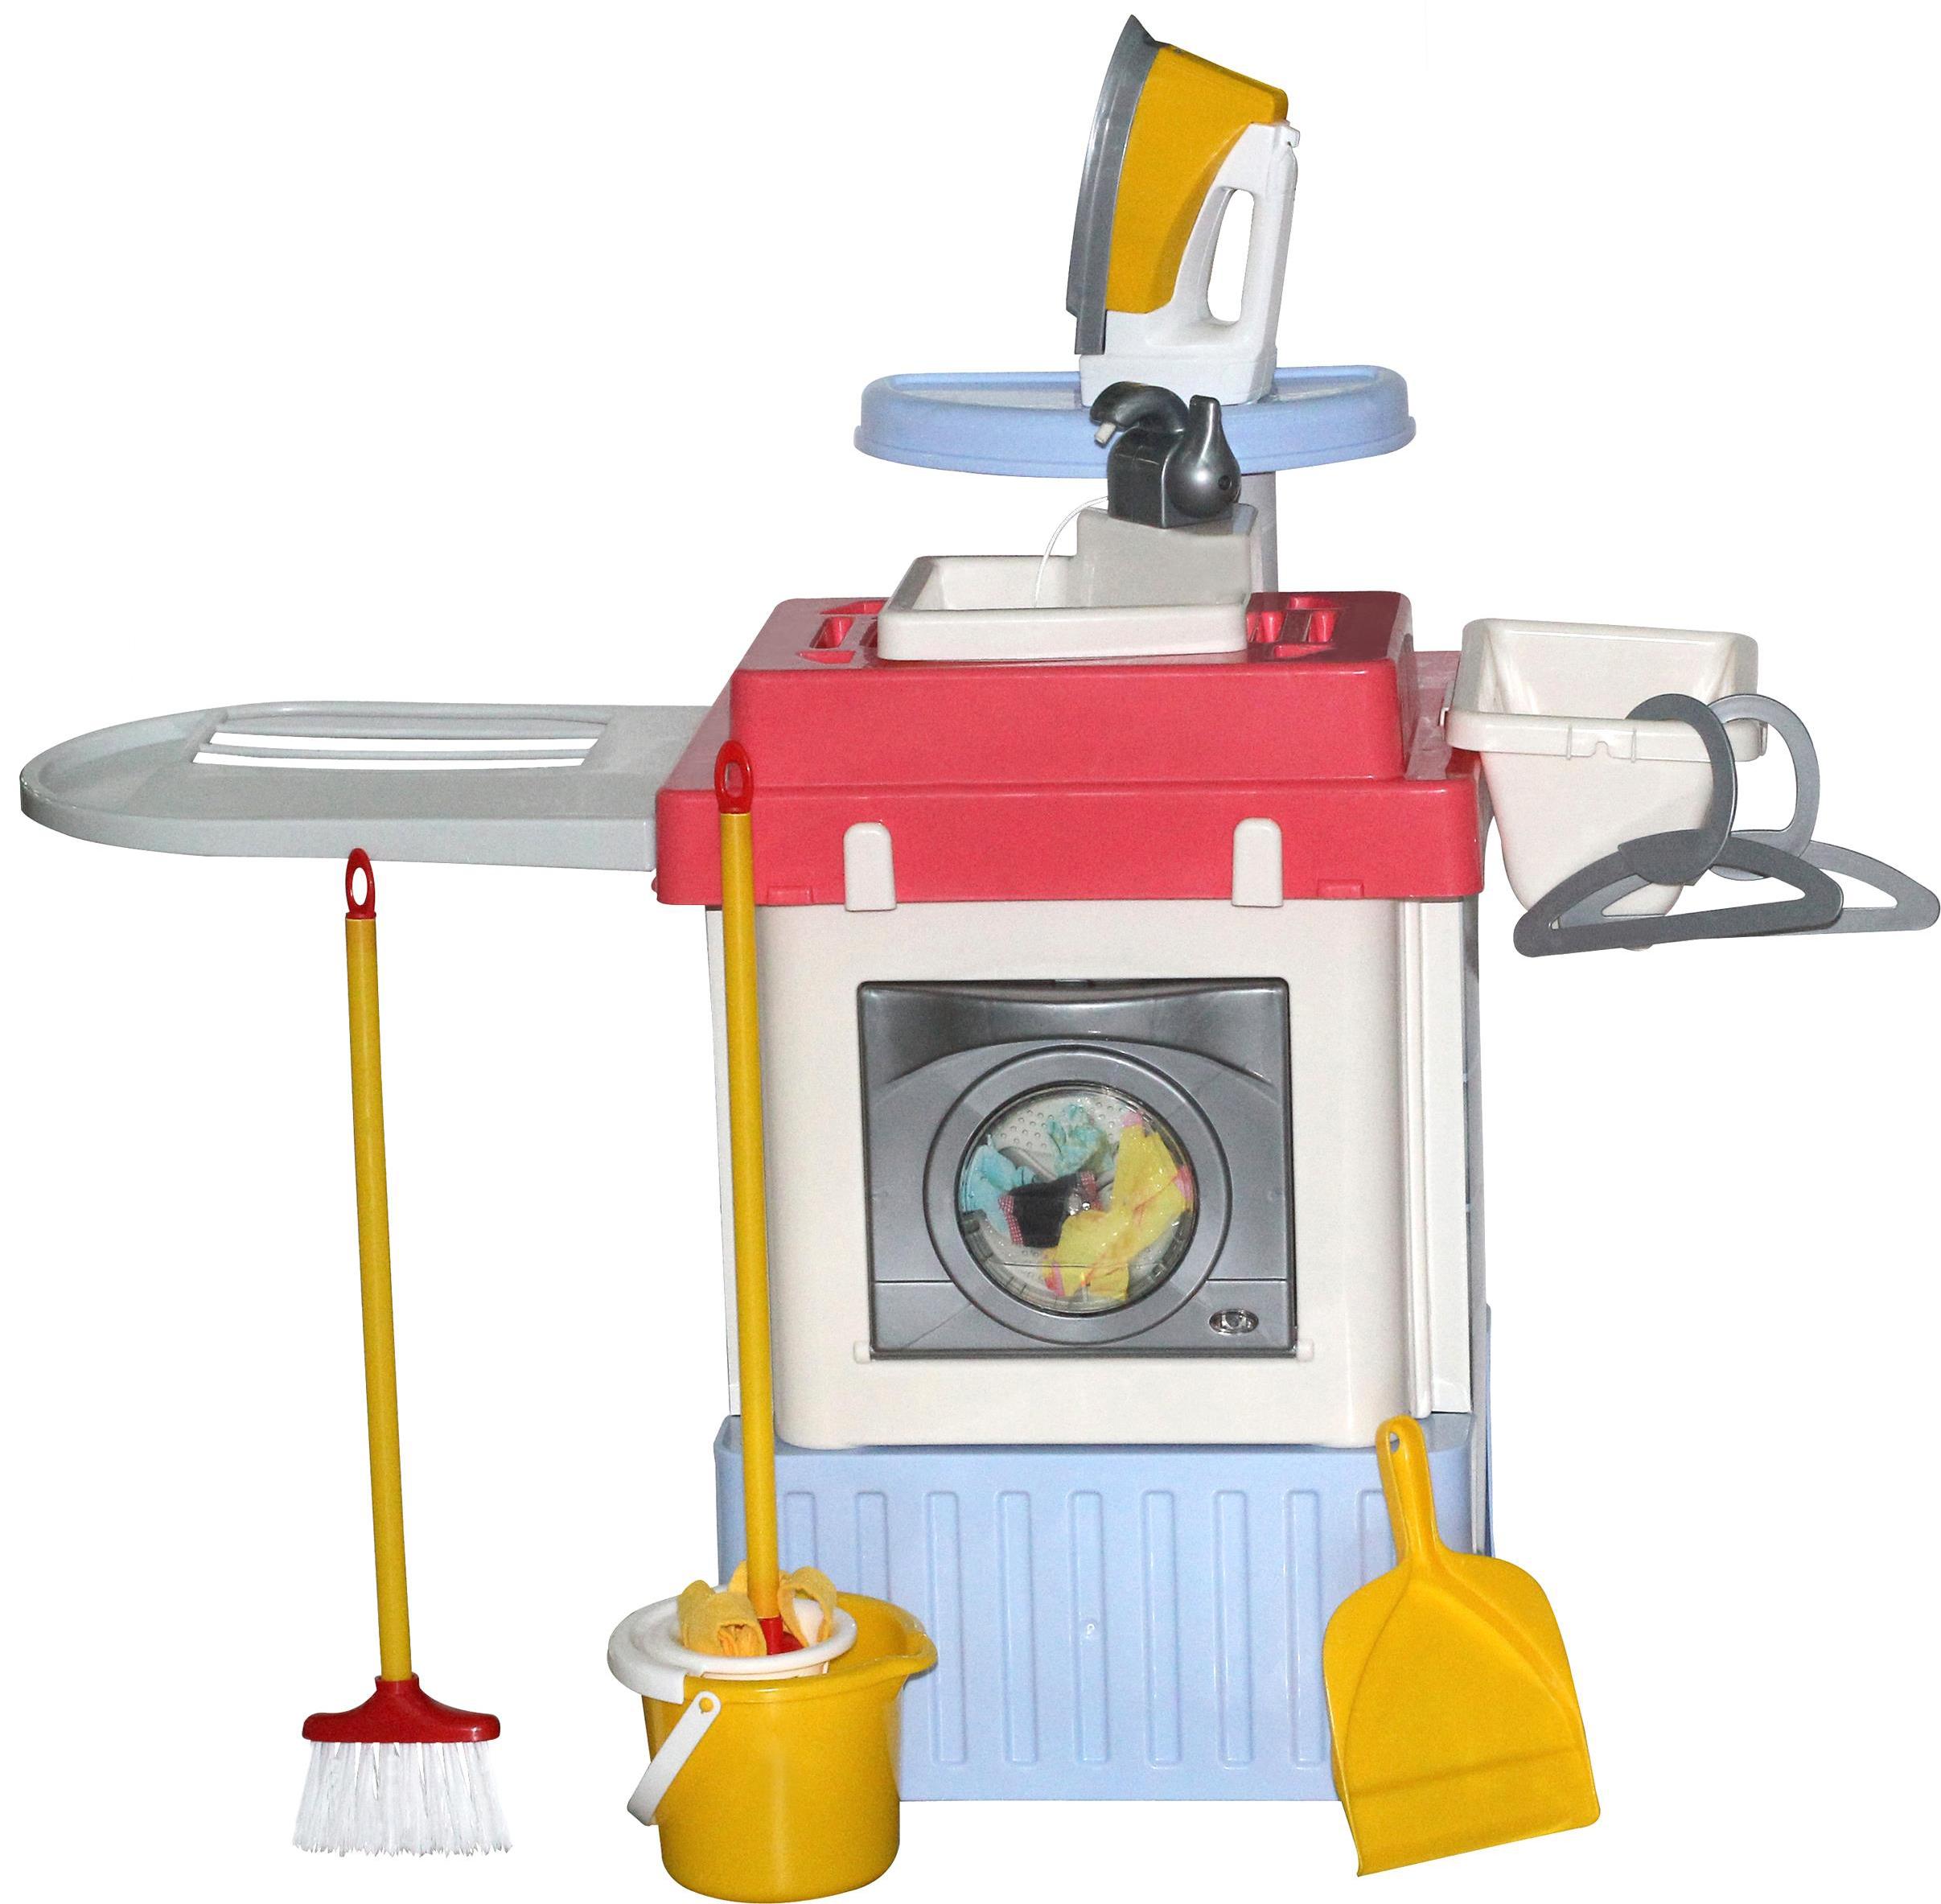 Купить Игровой комплекс Полесье Infinity Premium №1, со стиральной машиной 42330,